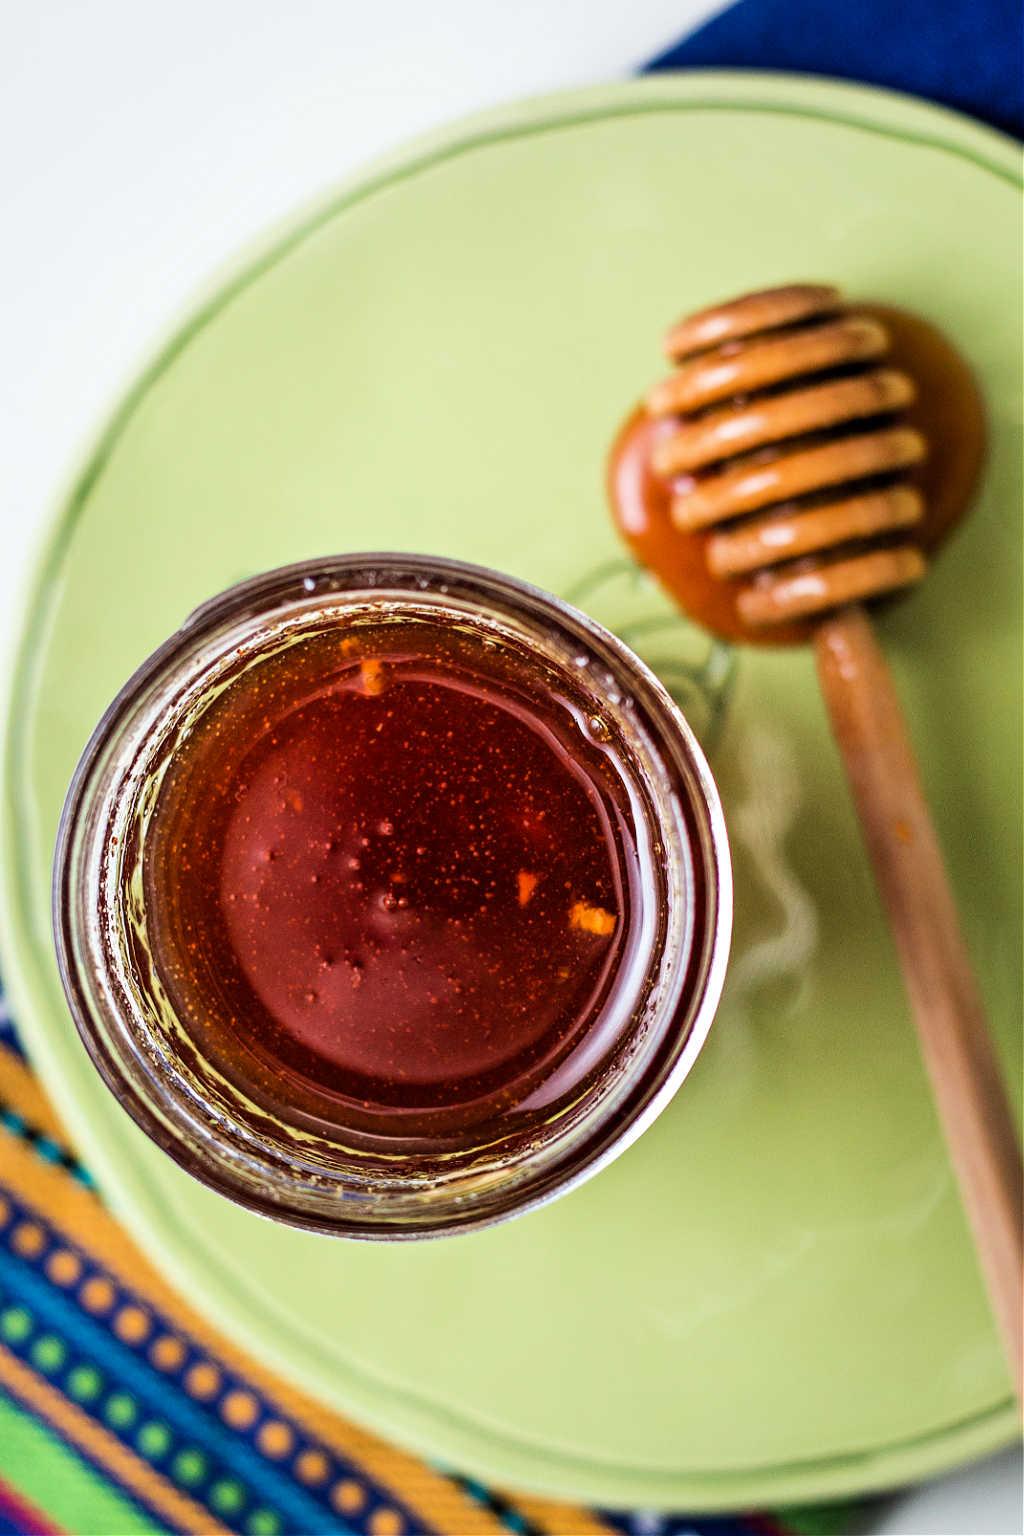 honey sriracha sauce in a jar on a table.